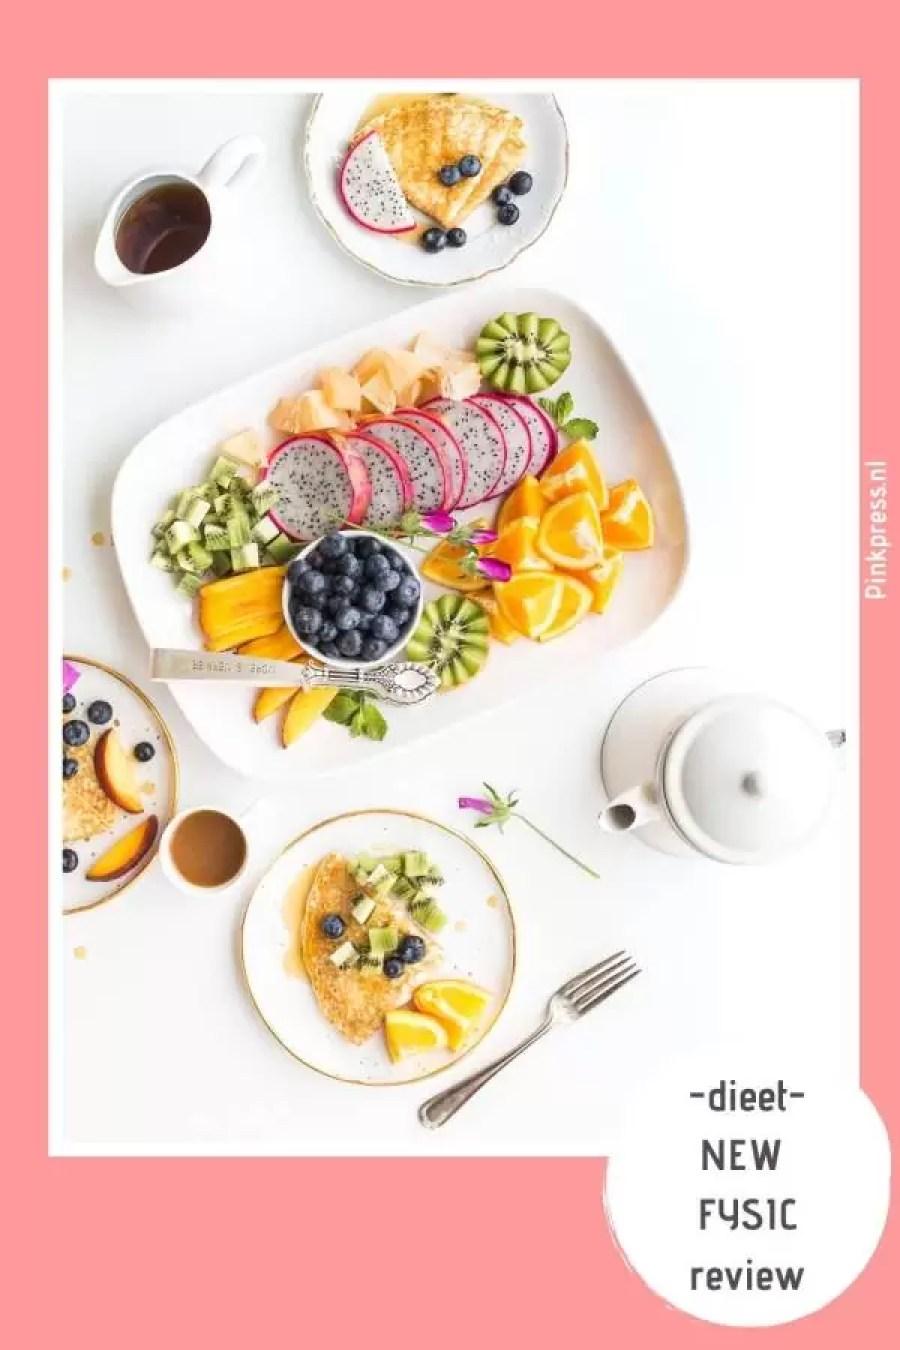 Review New Fysic Dieet